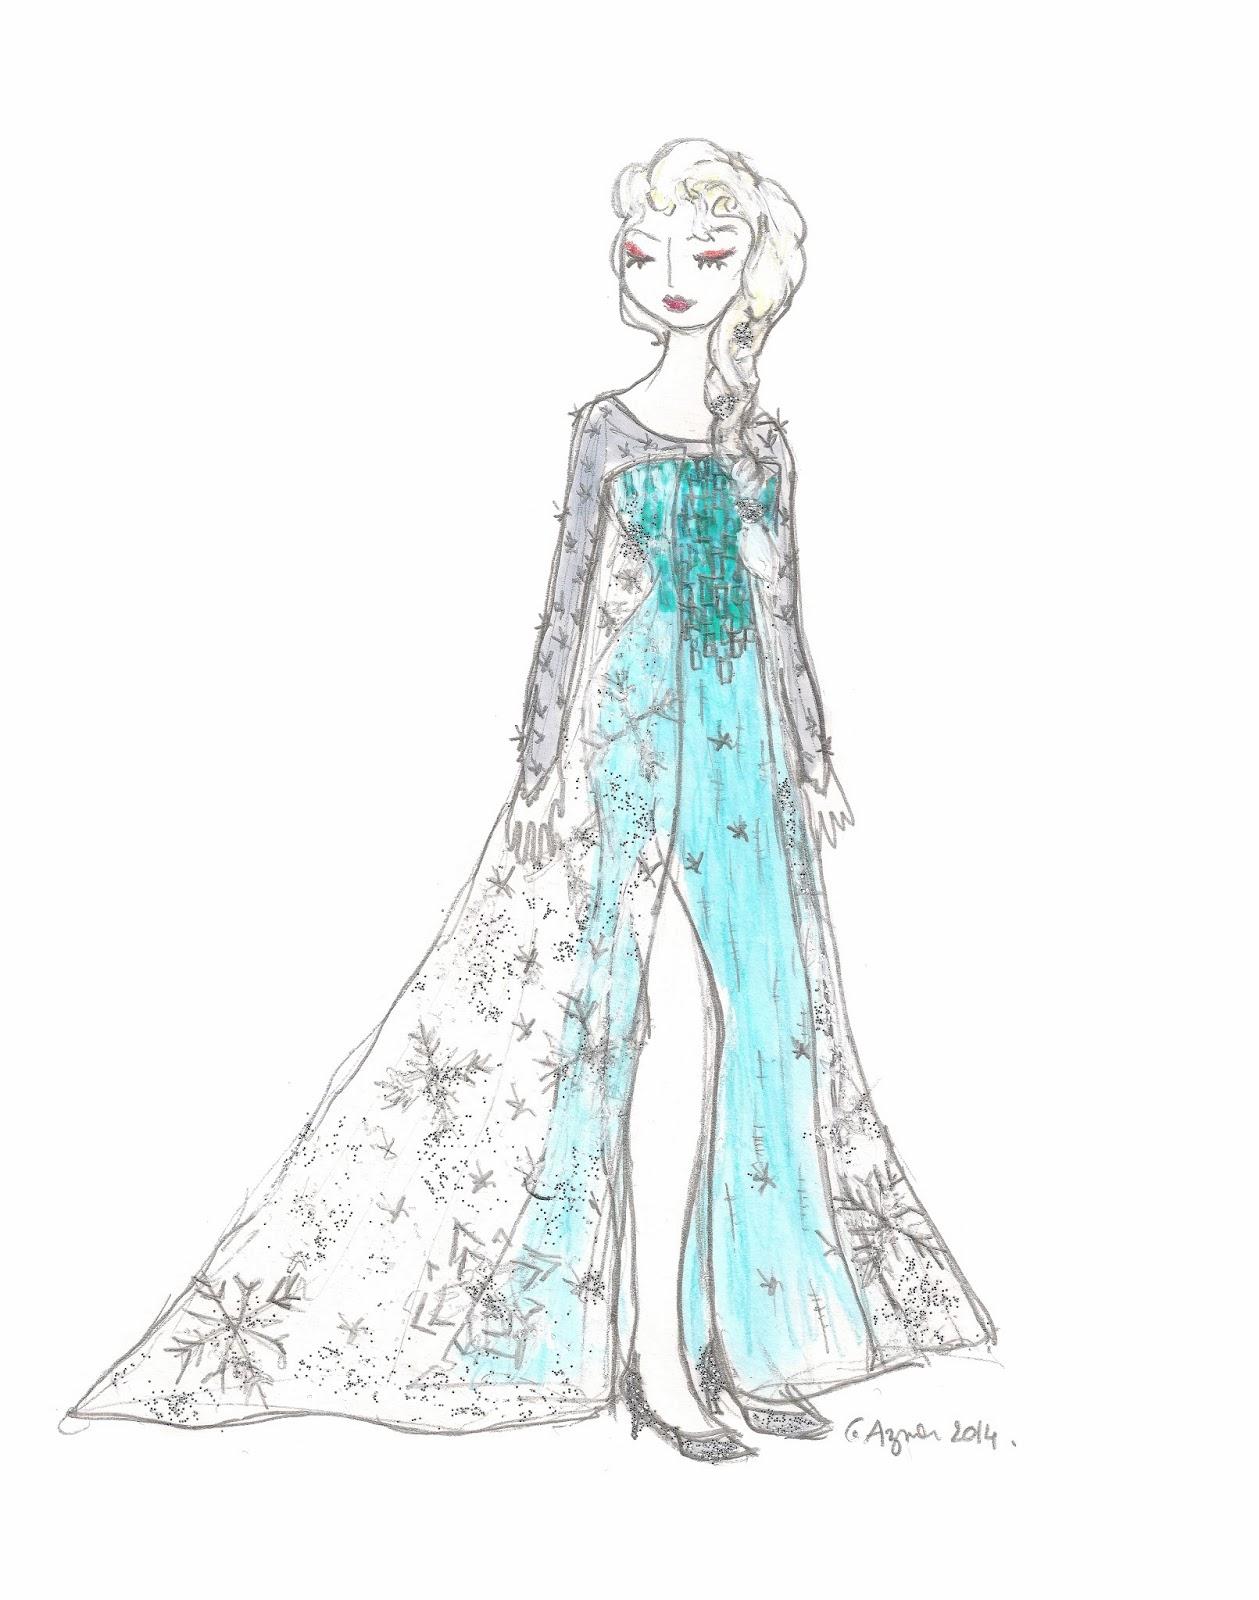 Le blog de gabrielle aznar fan art anna et elsa la reine des neiges carnet de croquis - La reine elsa ...